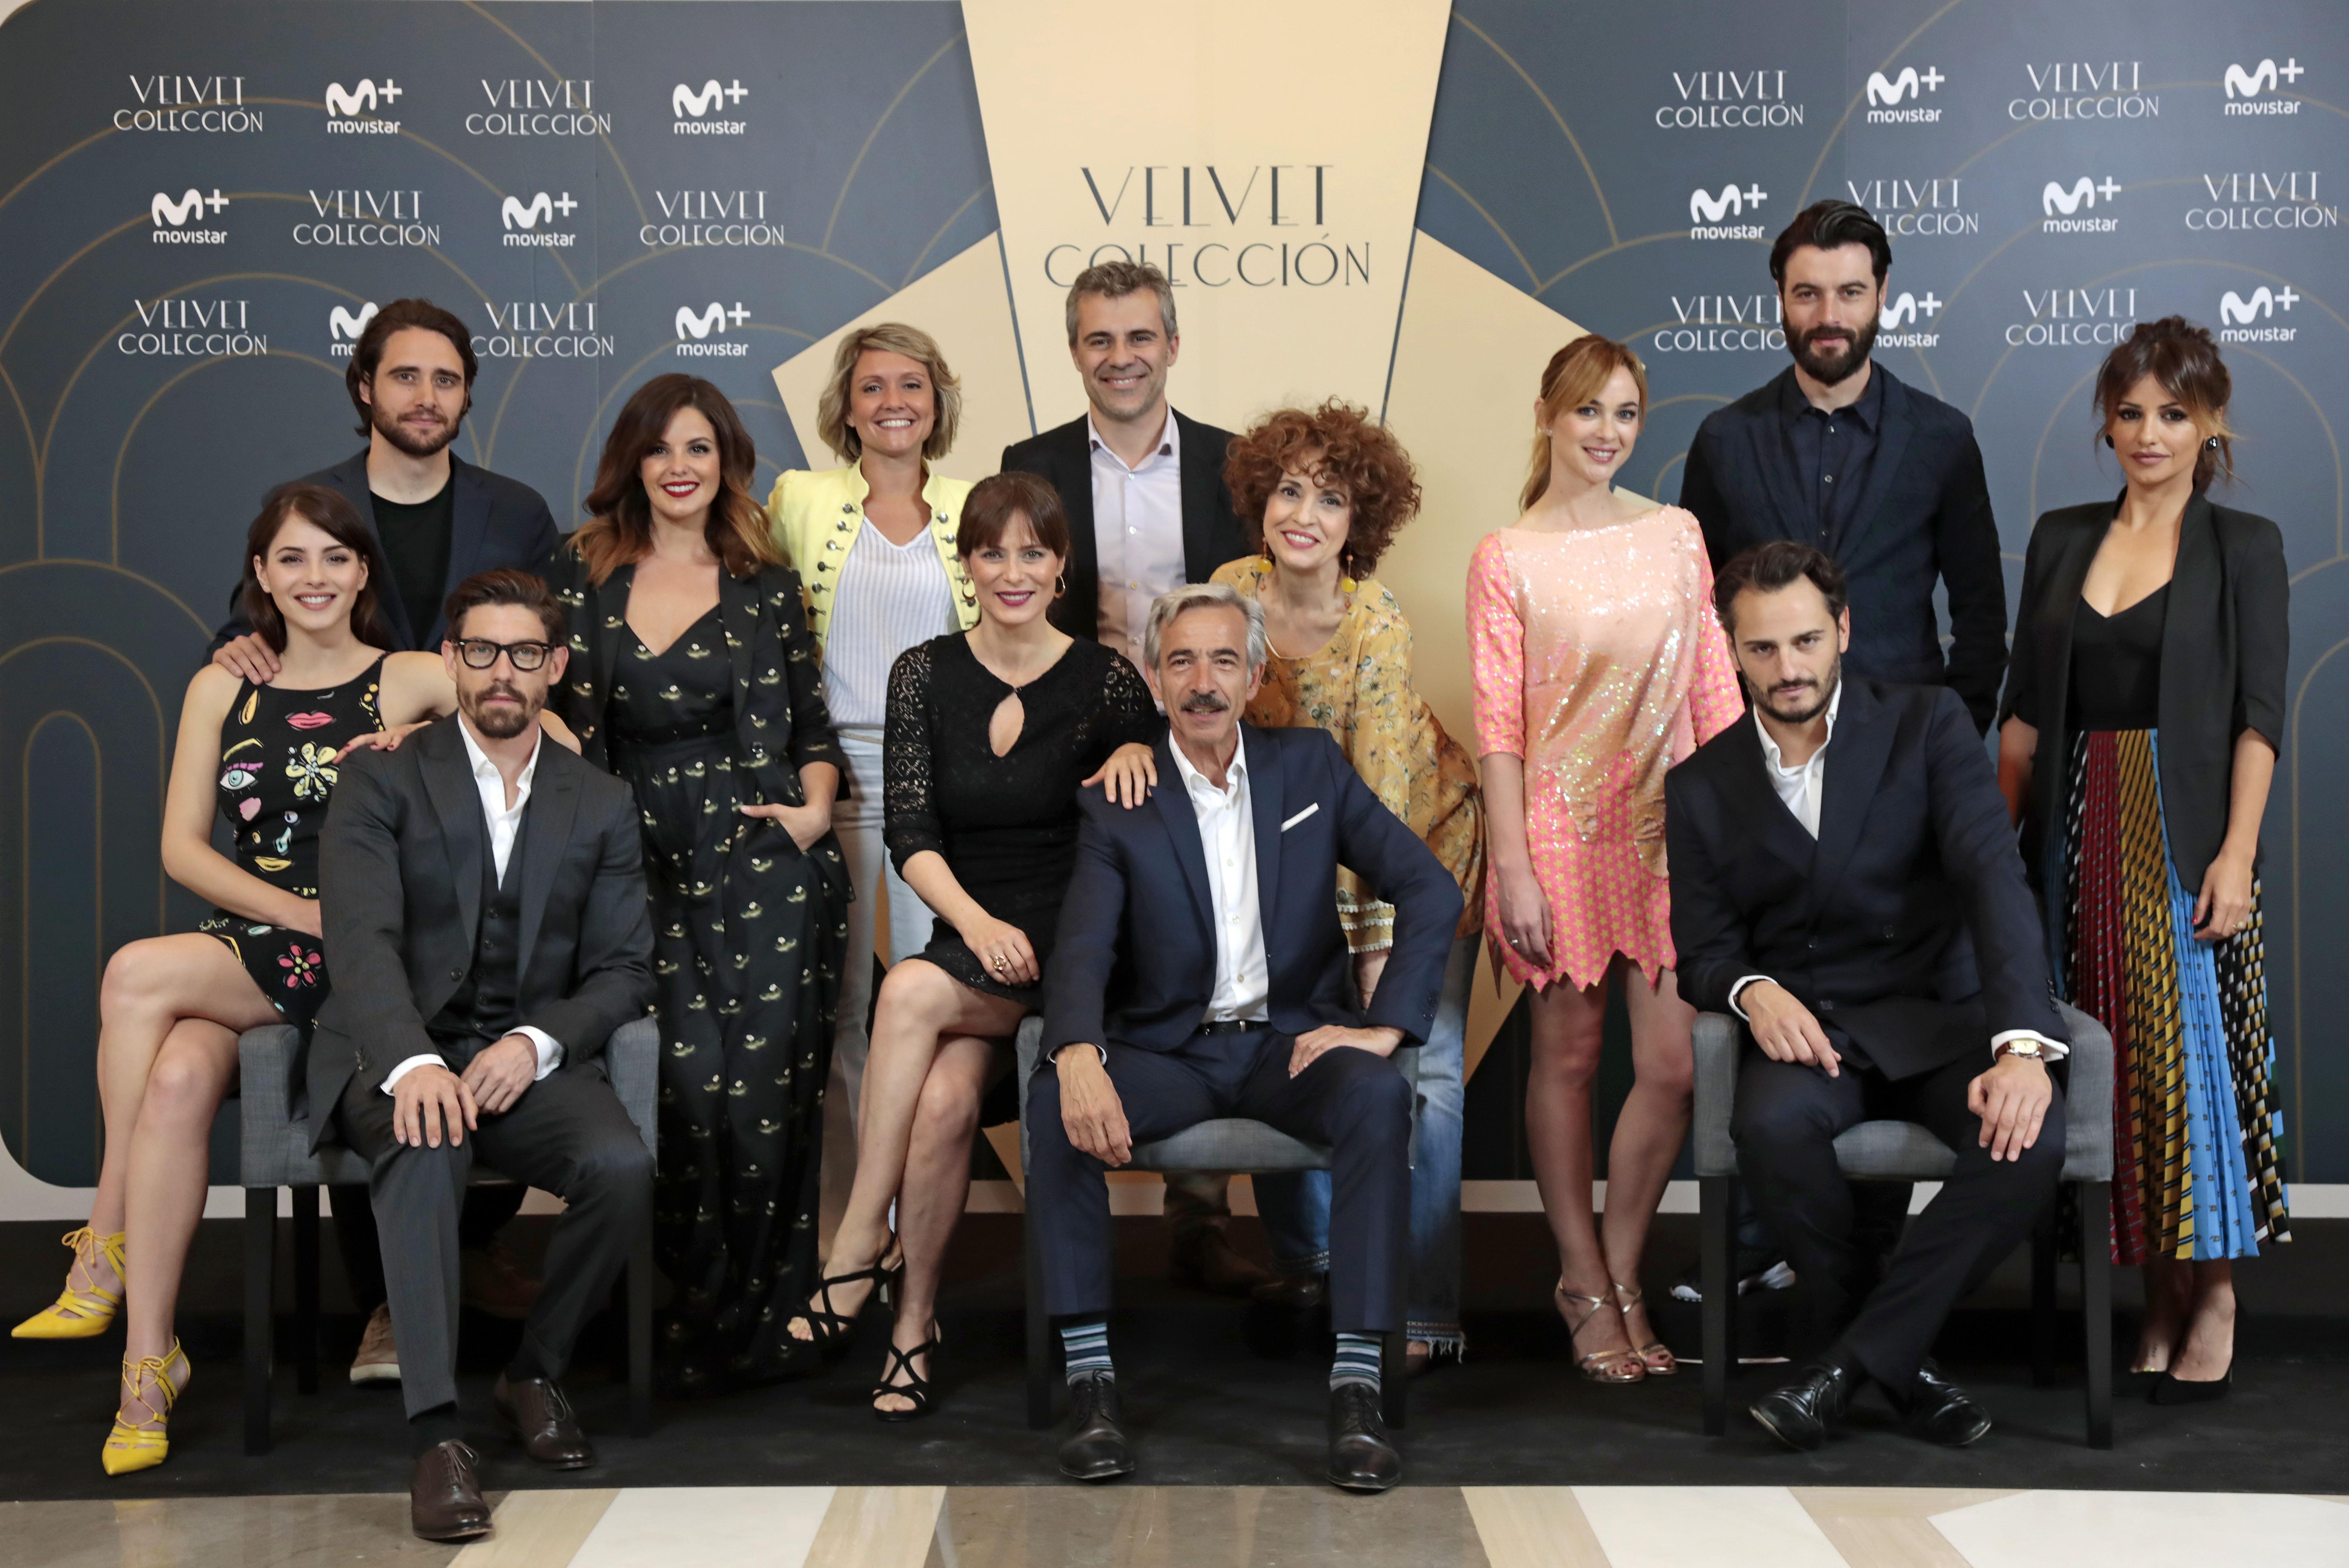 """Movistar + presenta  Velvet Colección   """"No está previsto que esté Miguel  Ángel Silvestre fd9c9b849"""